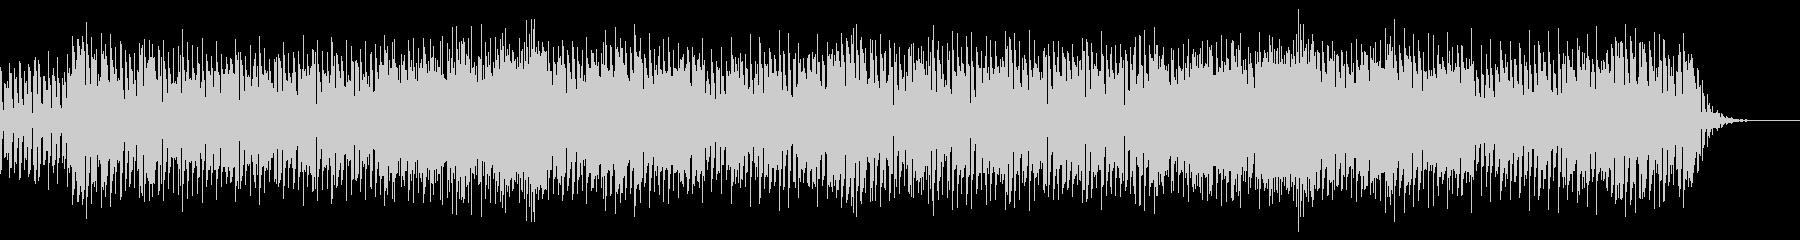 ニュー・ウェーヴパンクインストの未再生の波形